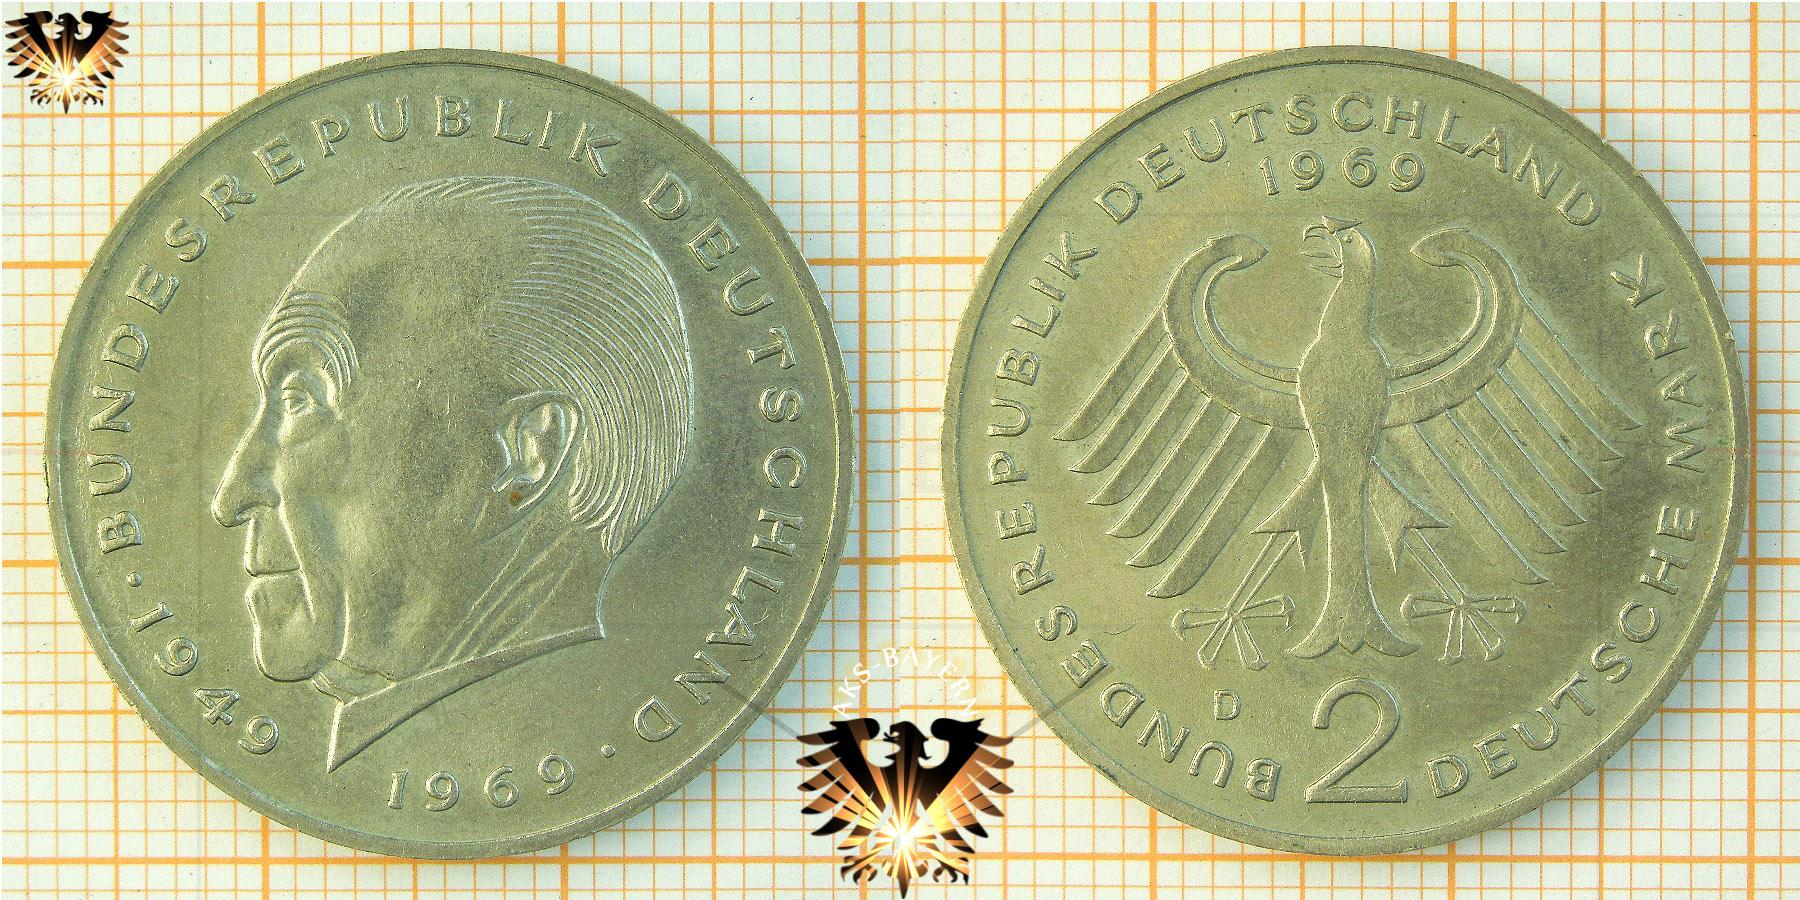 2 Dm Brd Konrad Adenauer 1949 Bundesrepublik Deutschland 1969